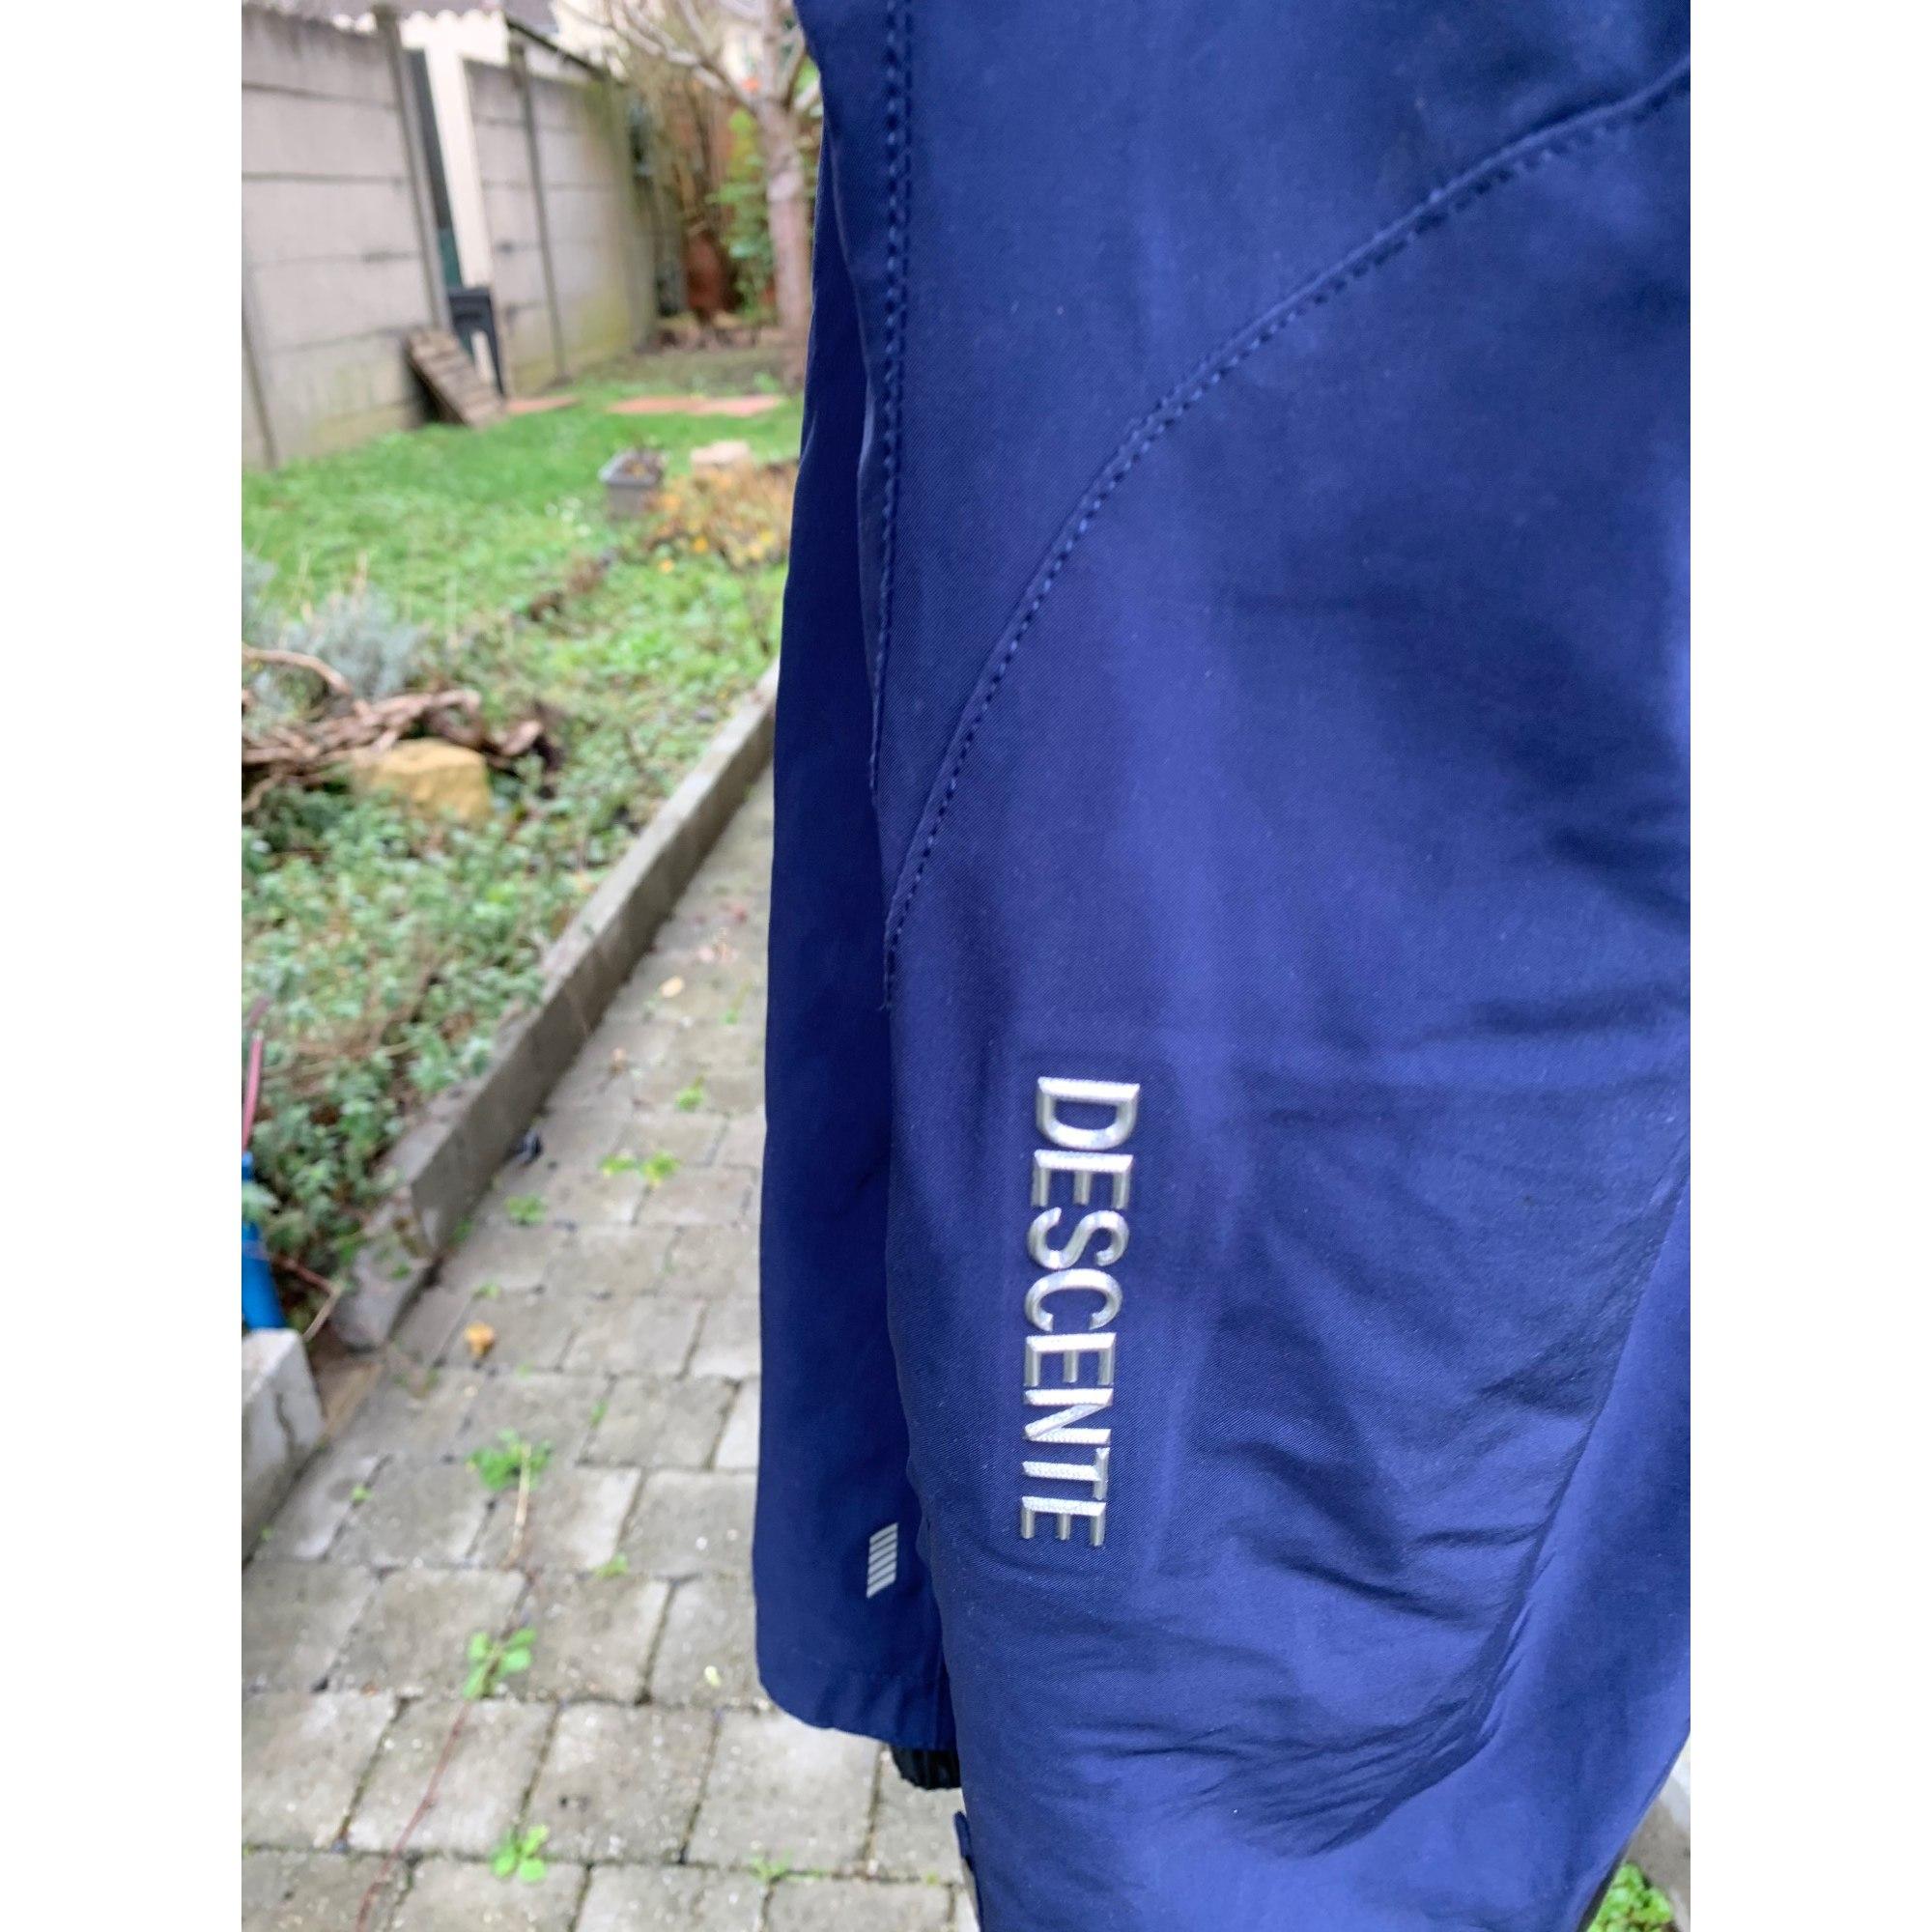 Latzhose DESCENTE Blau, marineblau, türkisblau